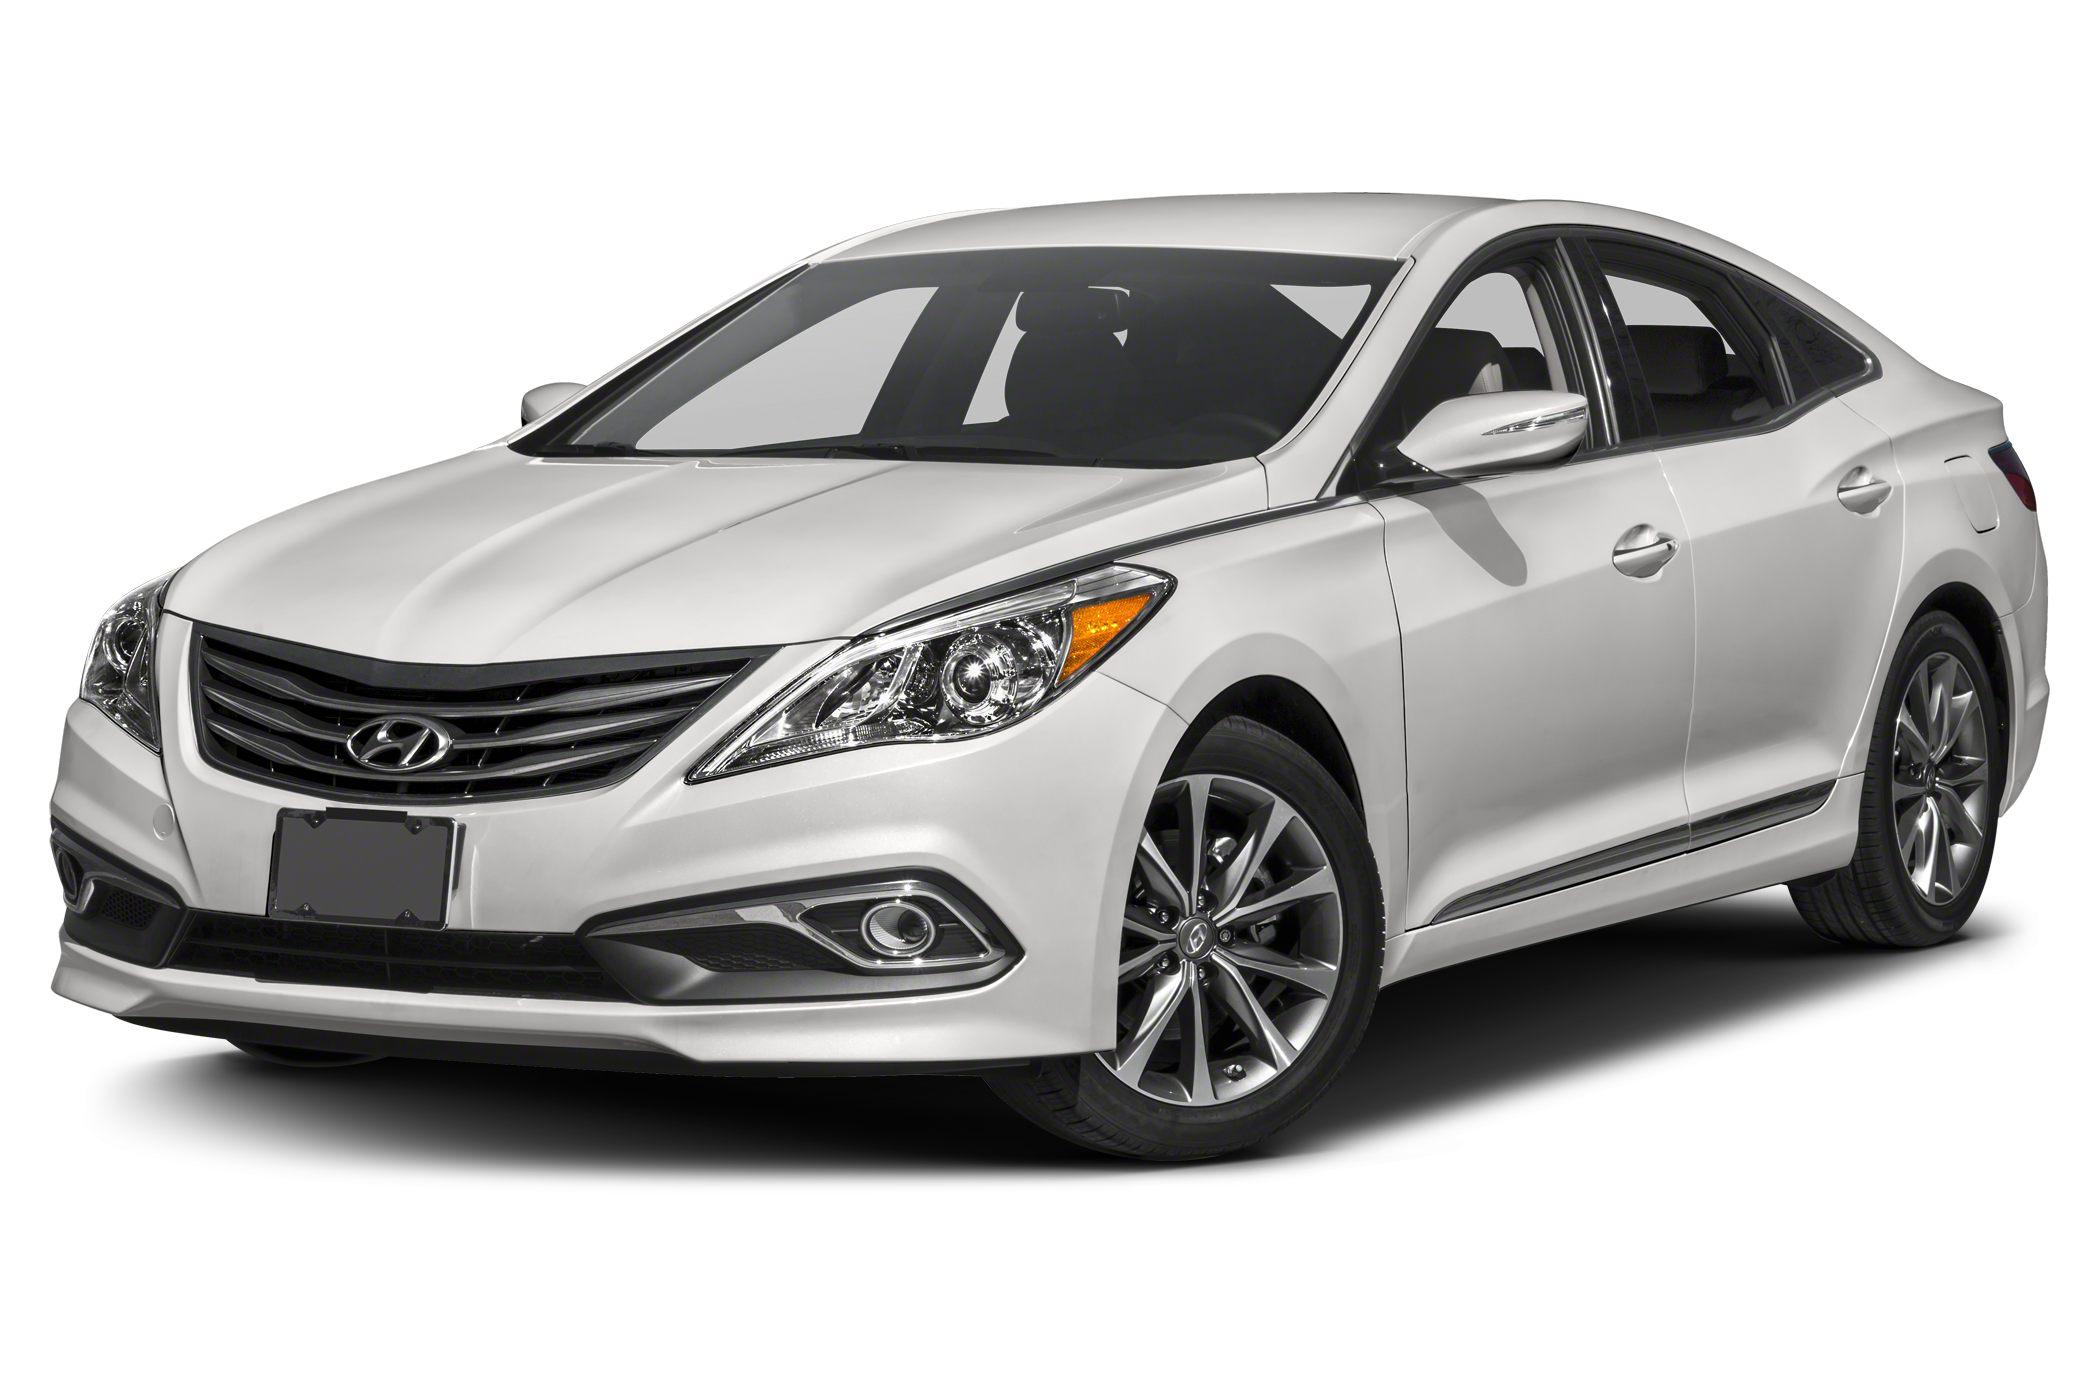 2017 Hyundai Azera Reviews Specs And Prices Cars Com